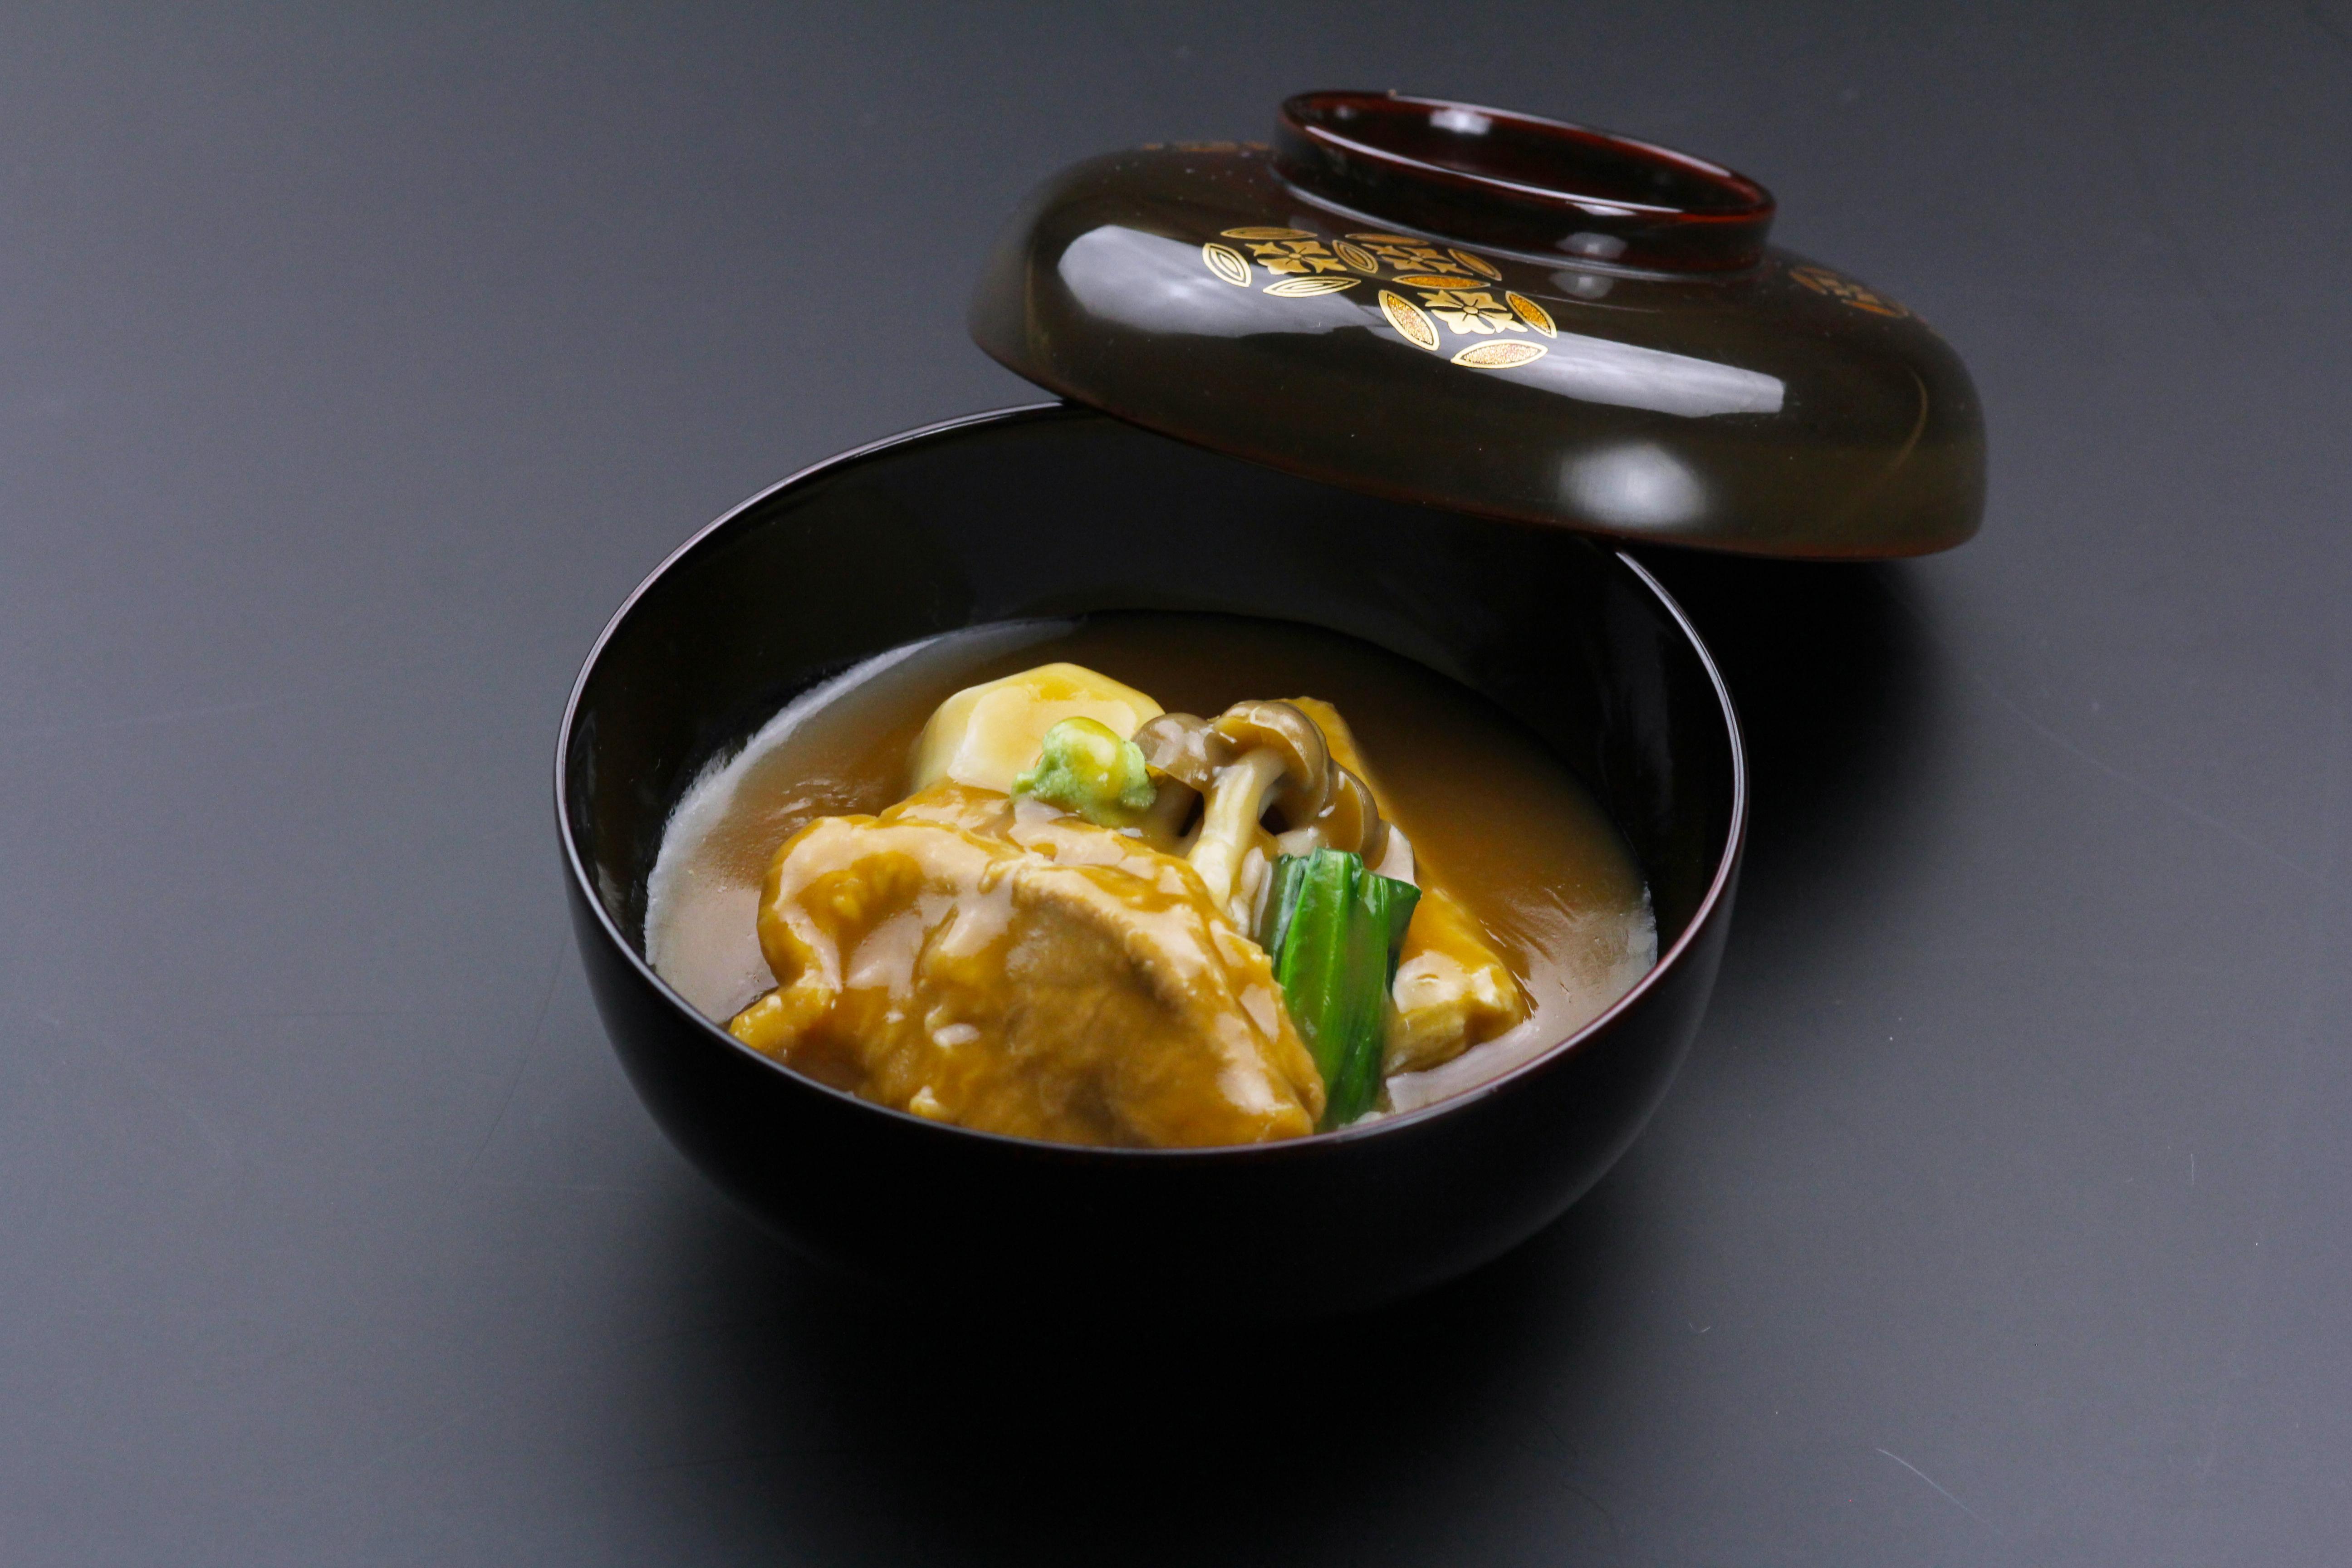 金沢国際ホテル 加賀料理「加能」 顔合わせ・結納の料理 4